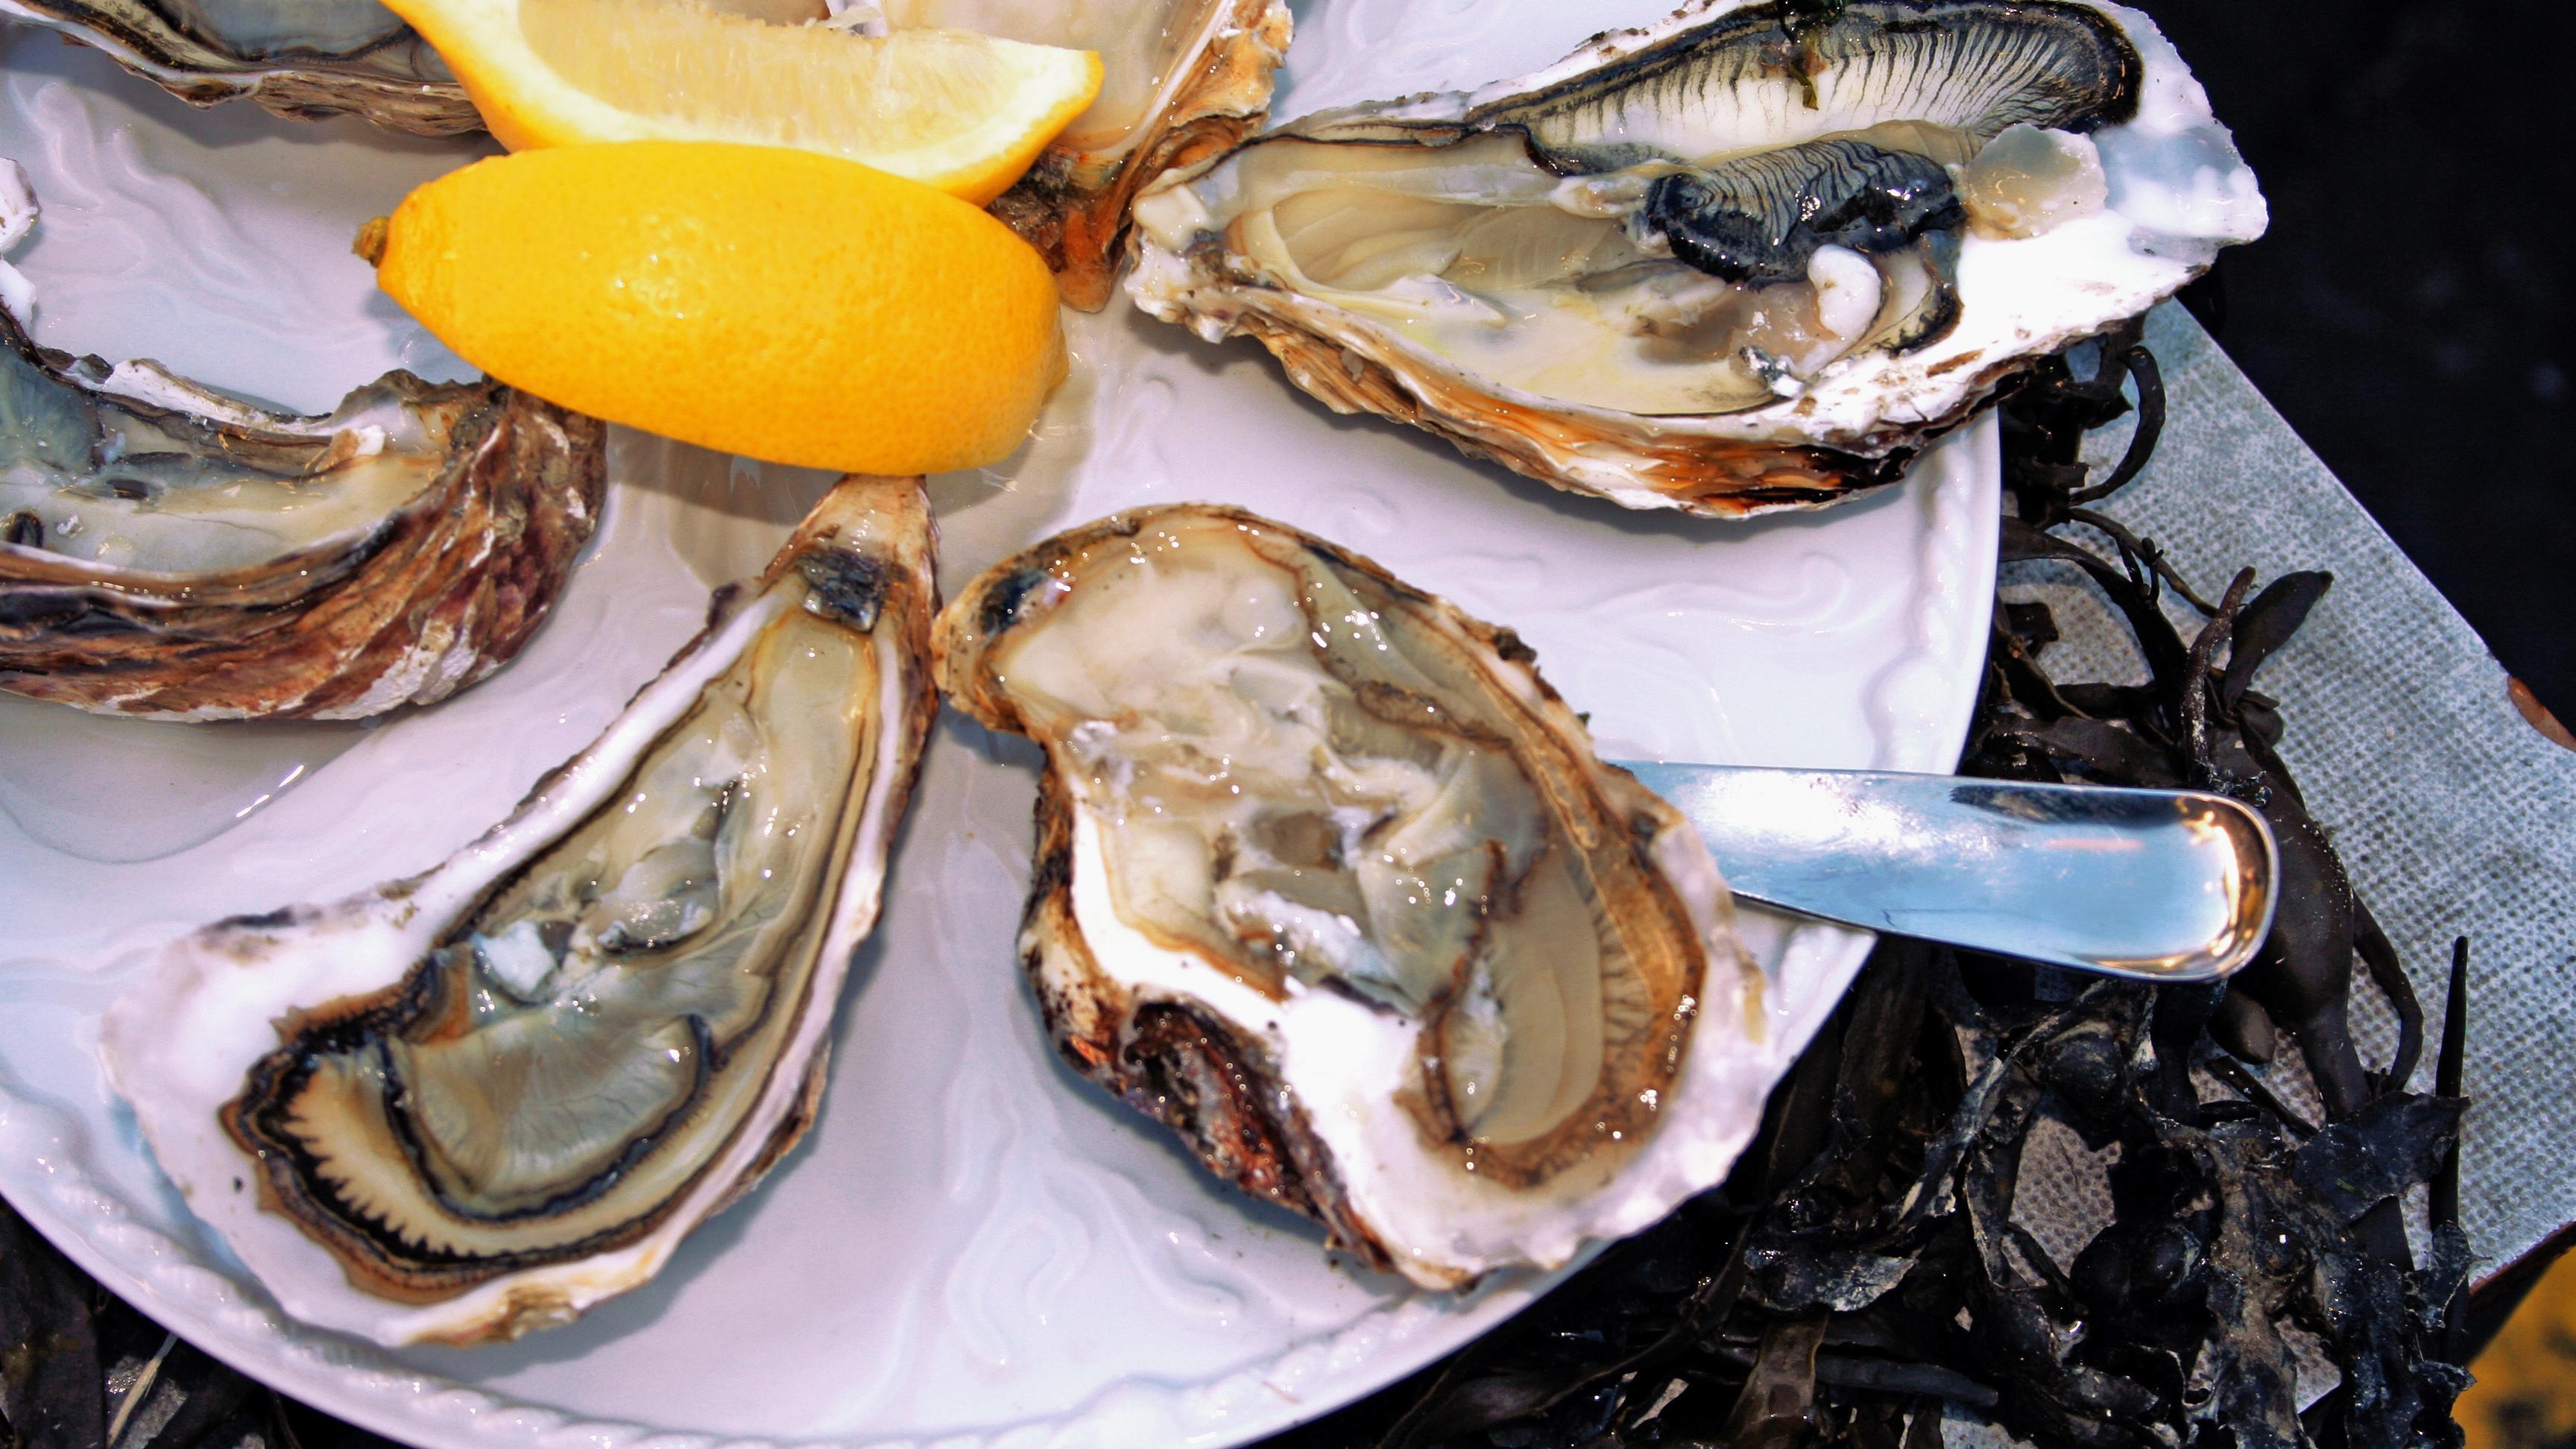 Austern zubereiten: Die besten Tipps und Tricks